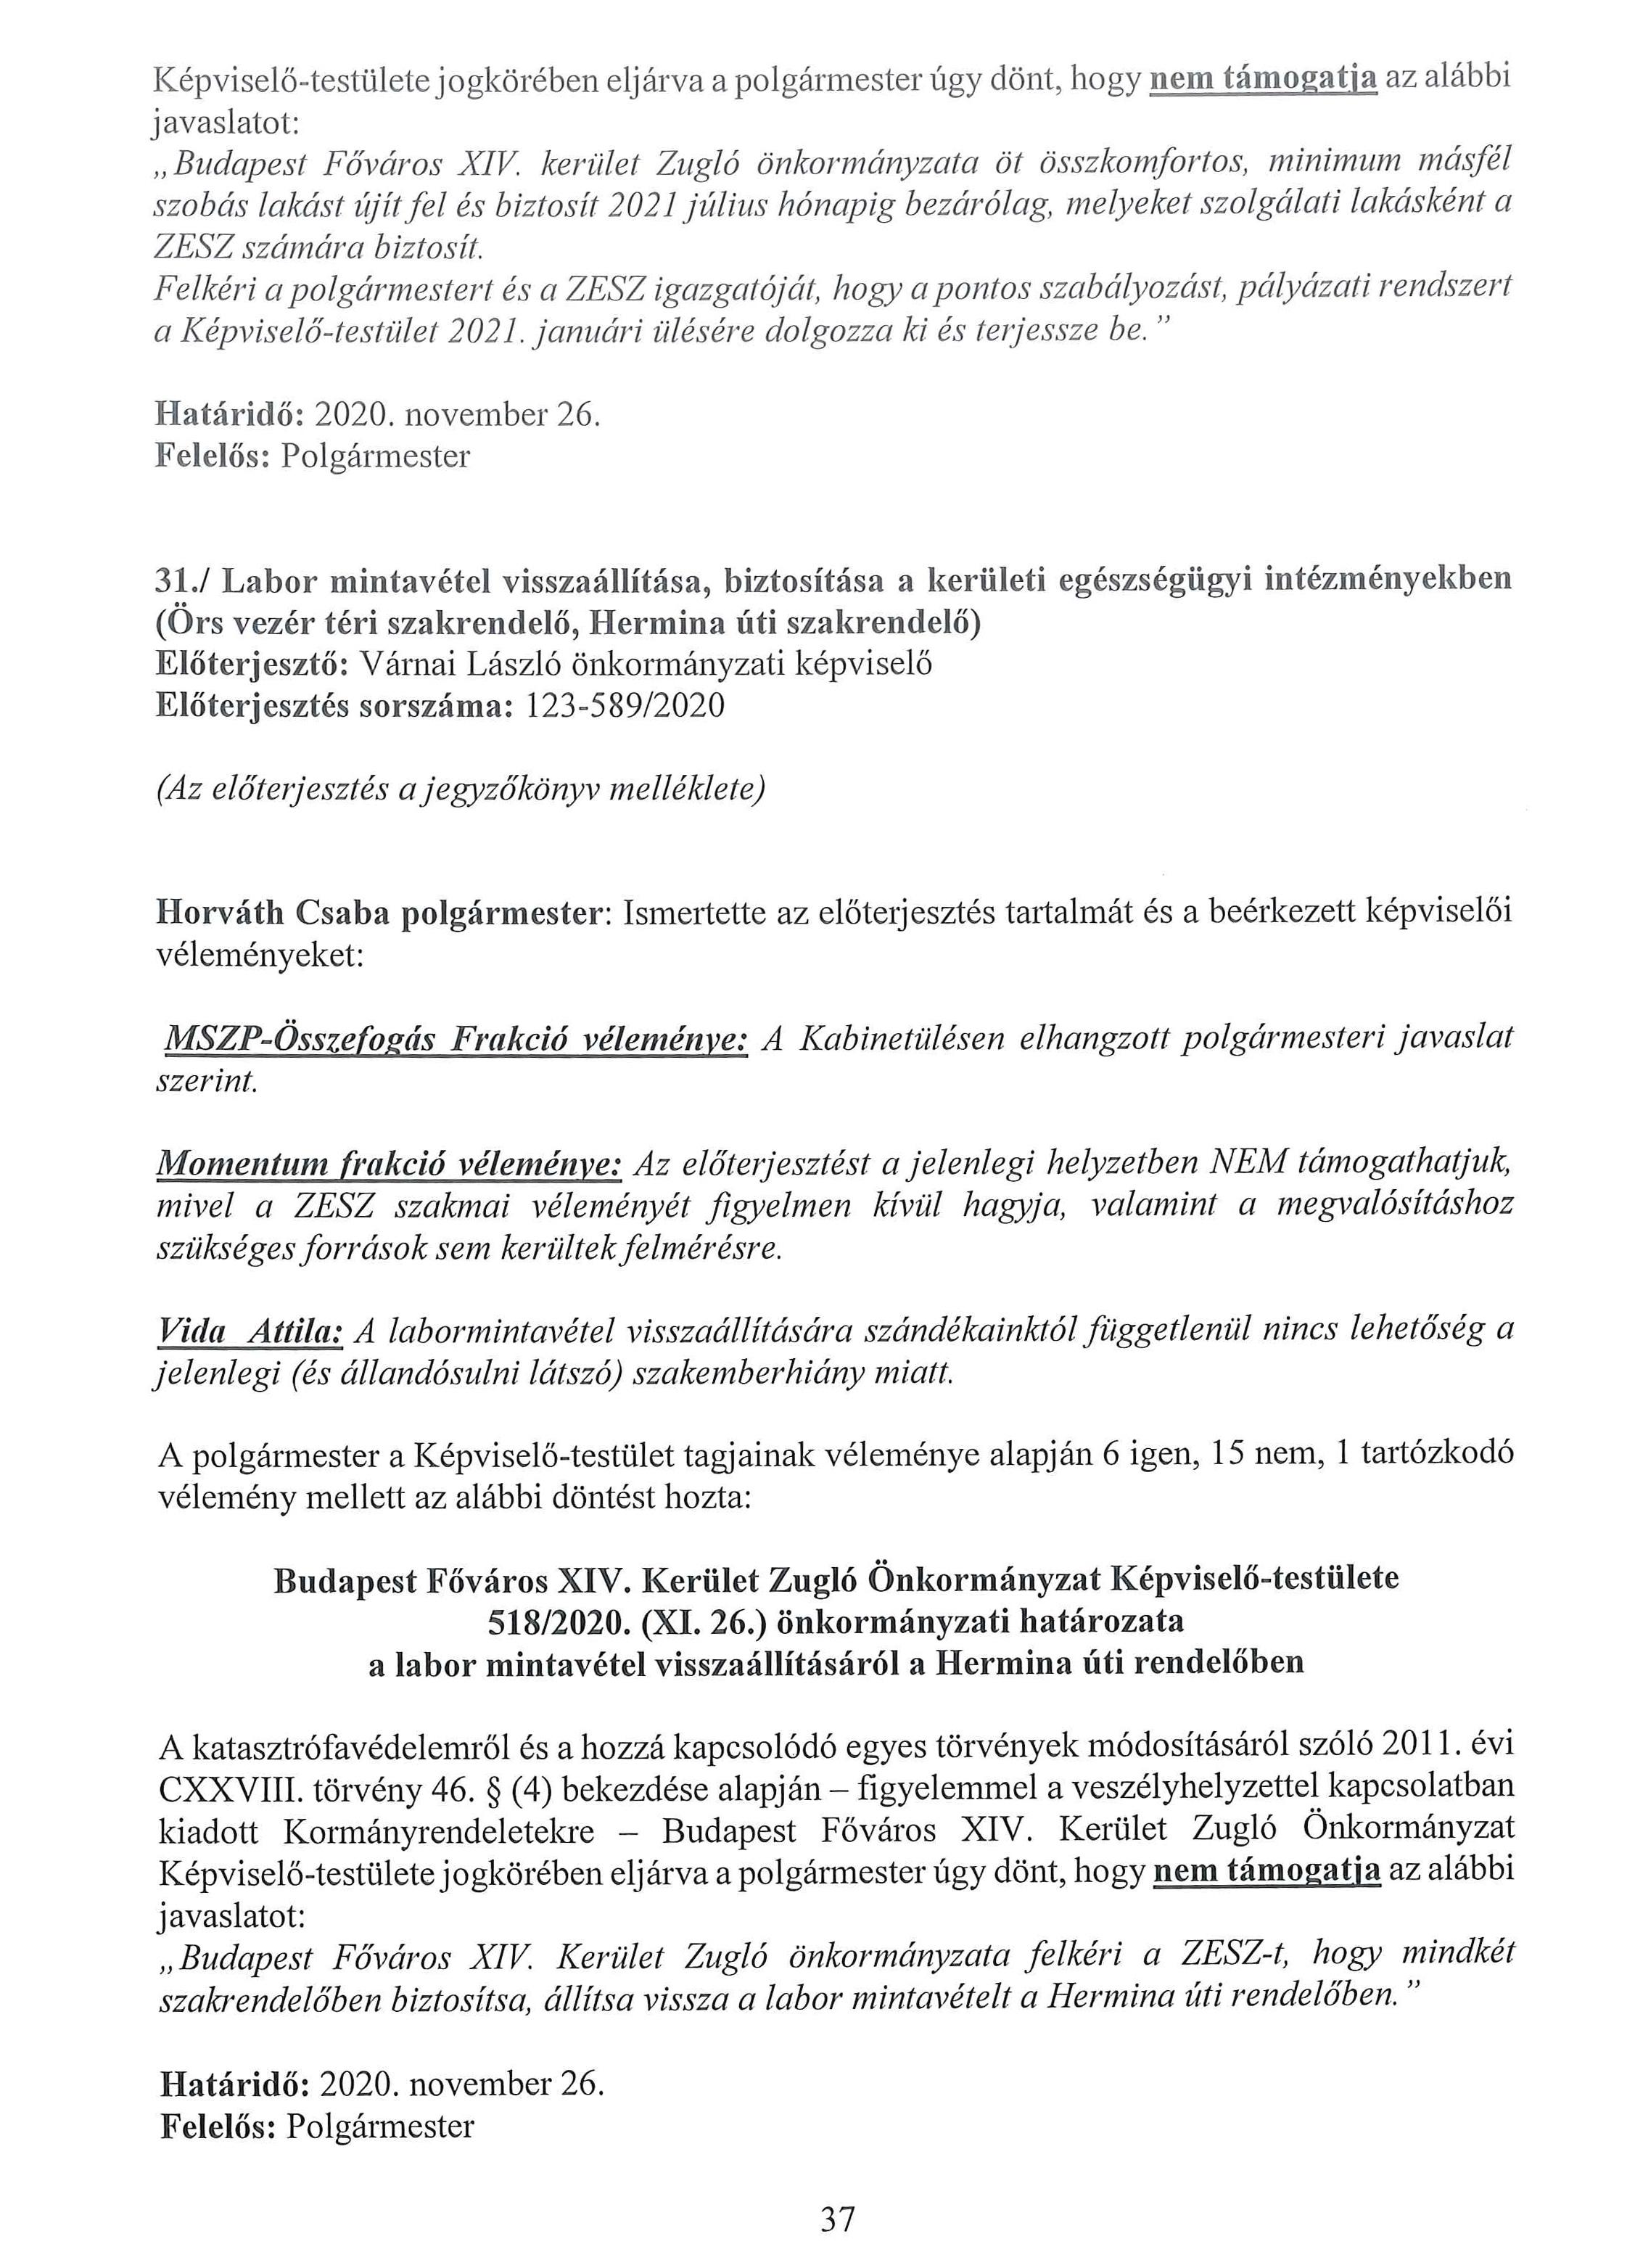 polg_dontesek-37.jpg